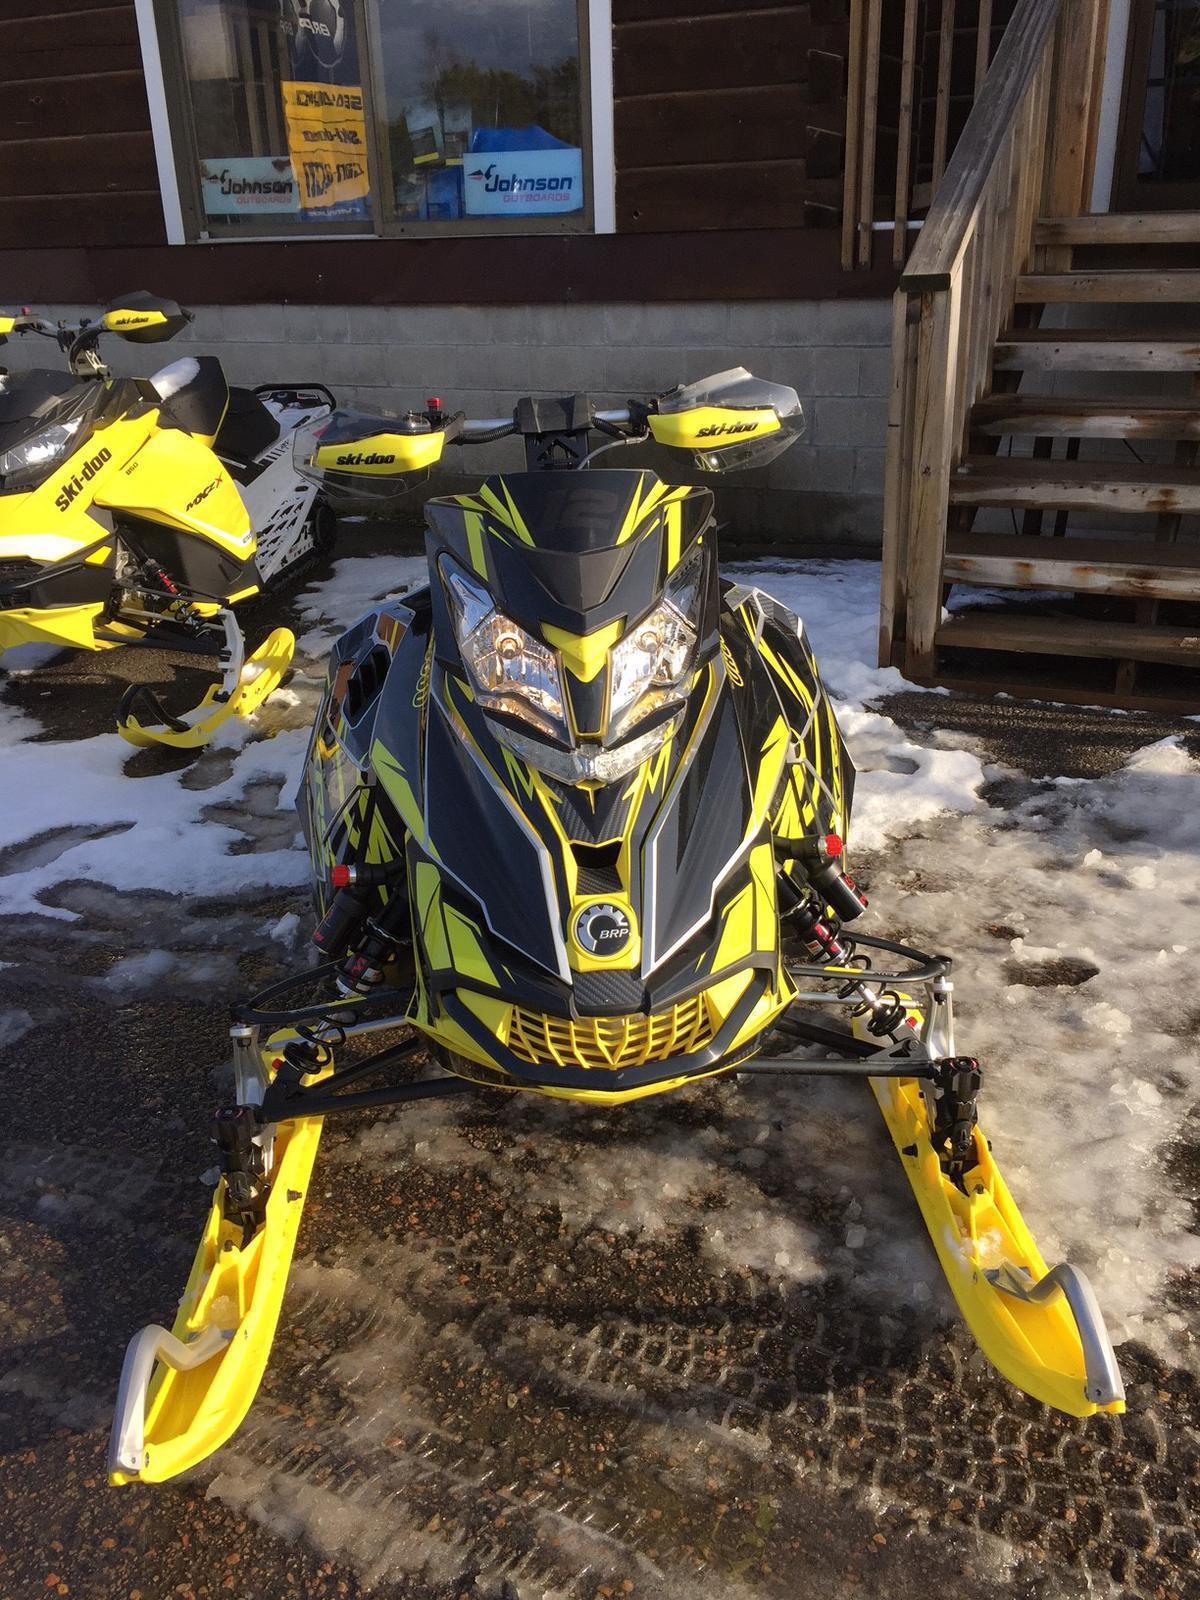 2016 Ski Doo MXZ XRS 800 E-TEC   2 of 2